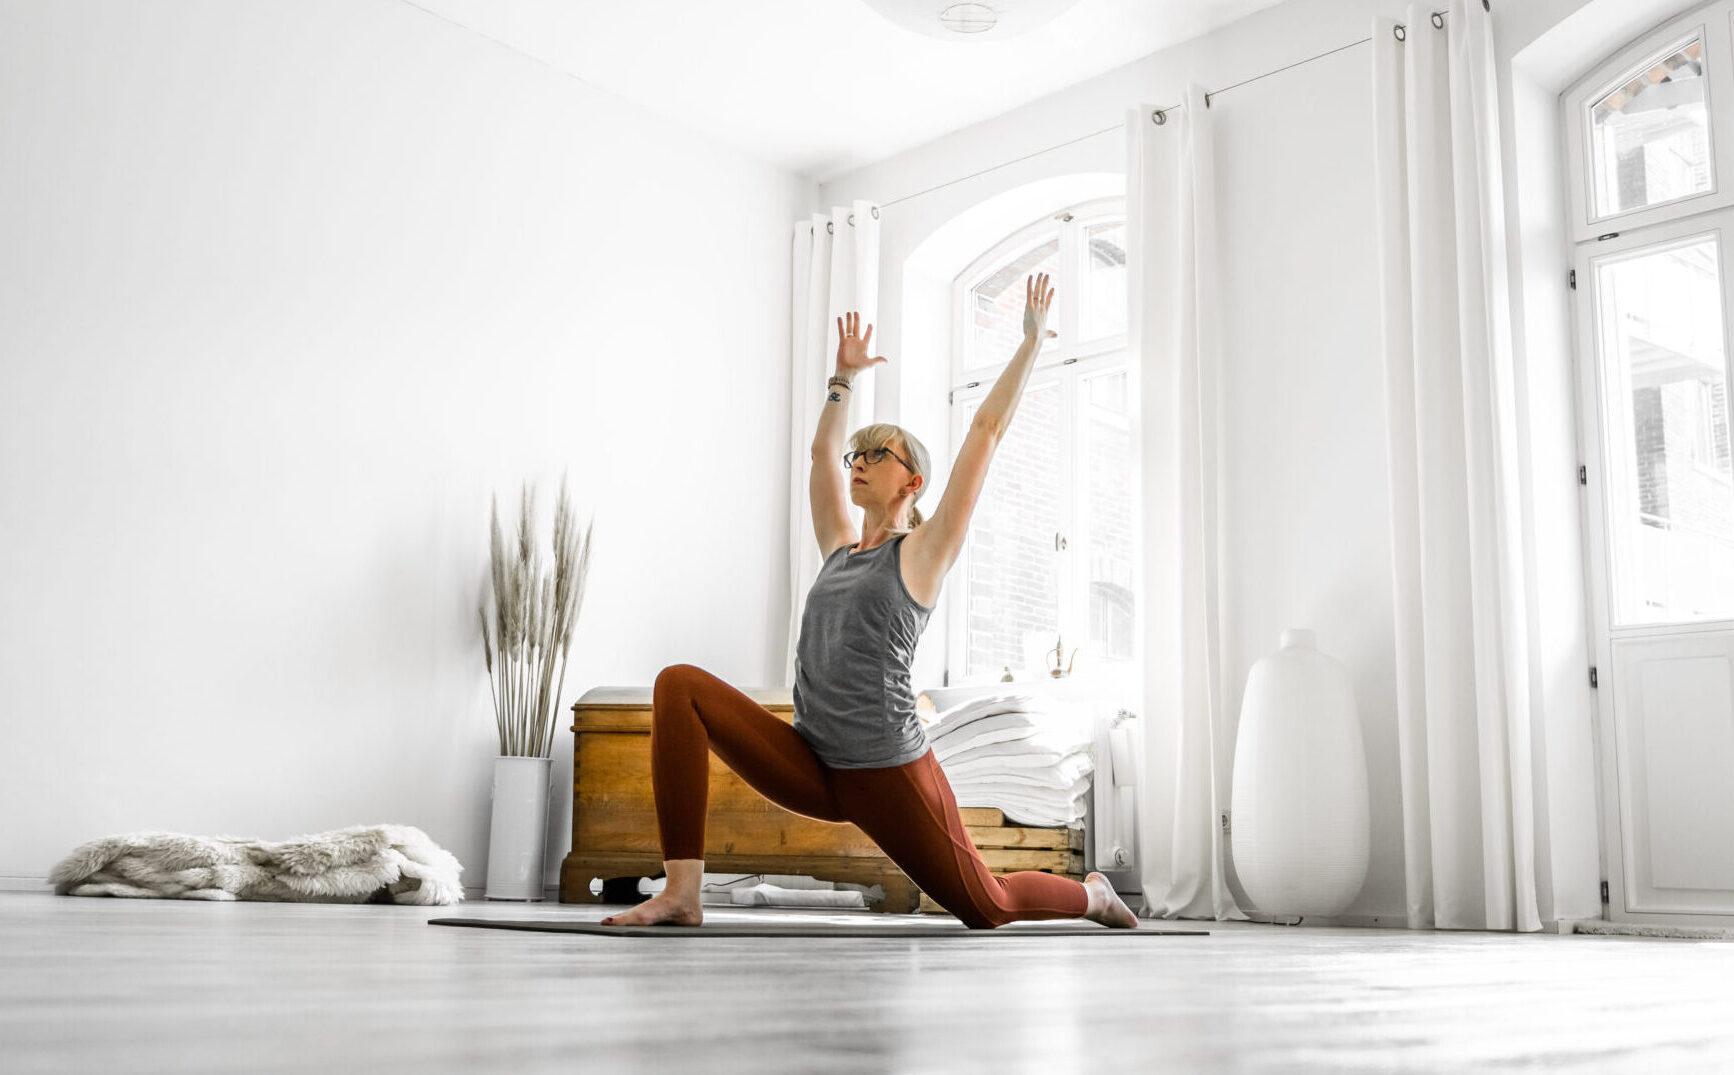 Verschoben: Hatha Yoga – entspannt und bewusst